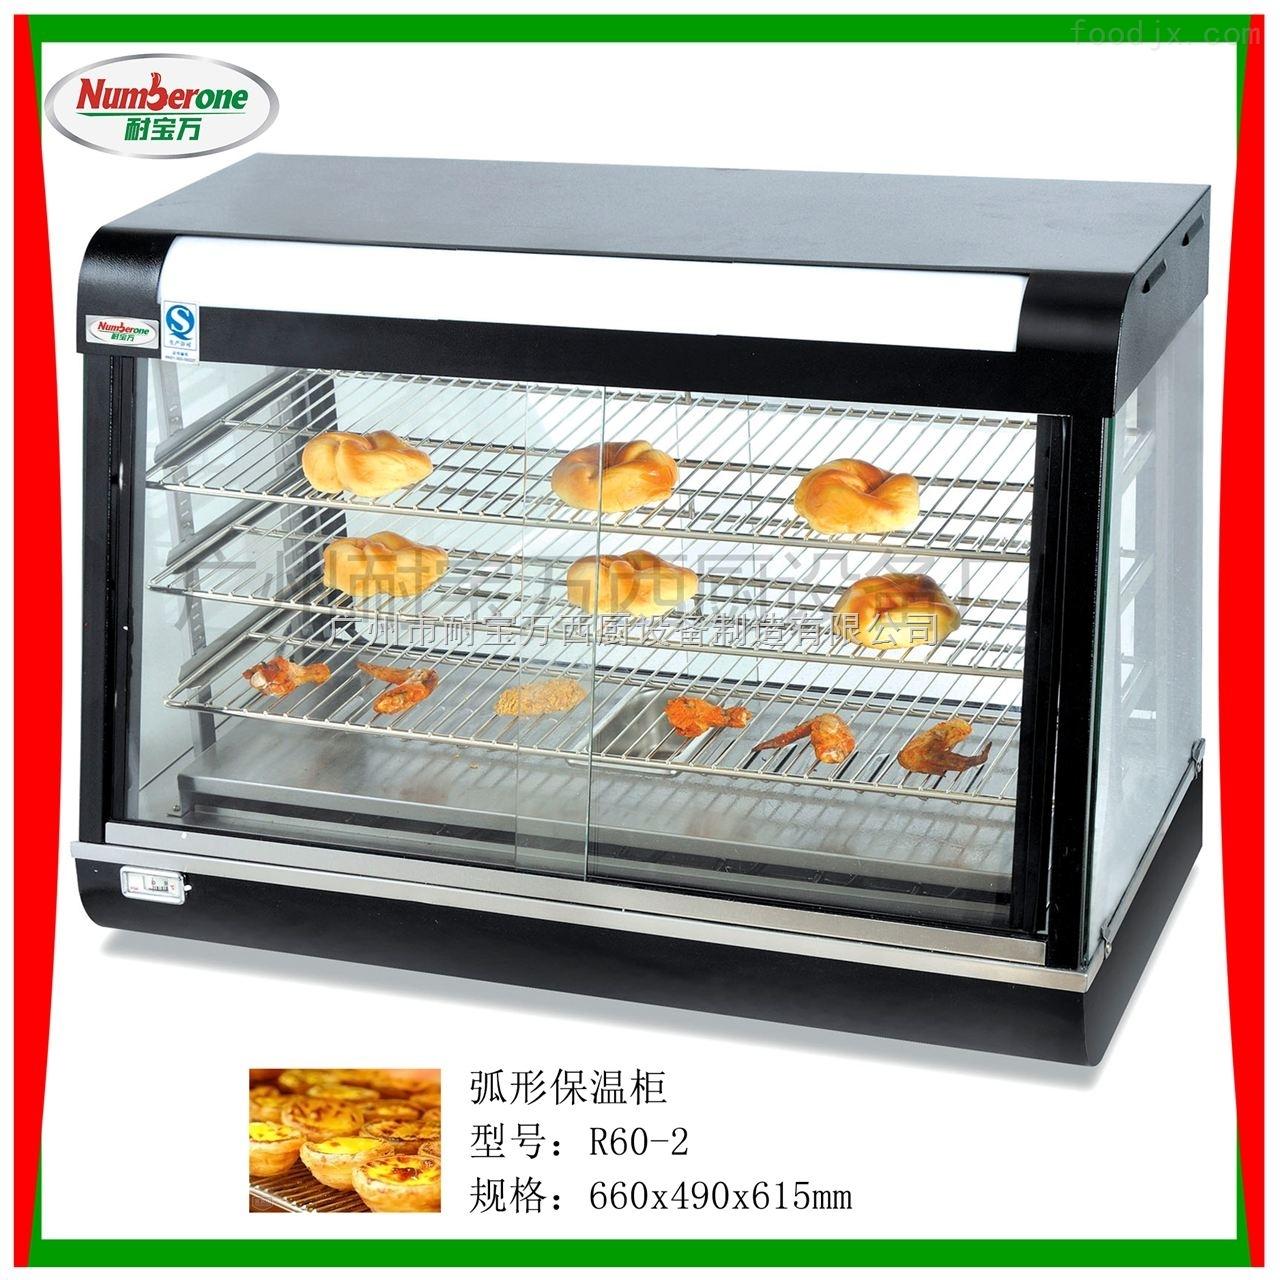 食品保温展示柜